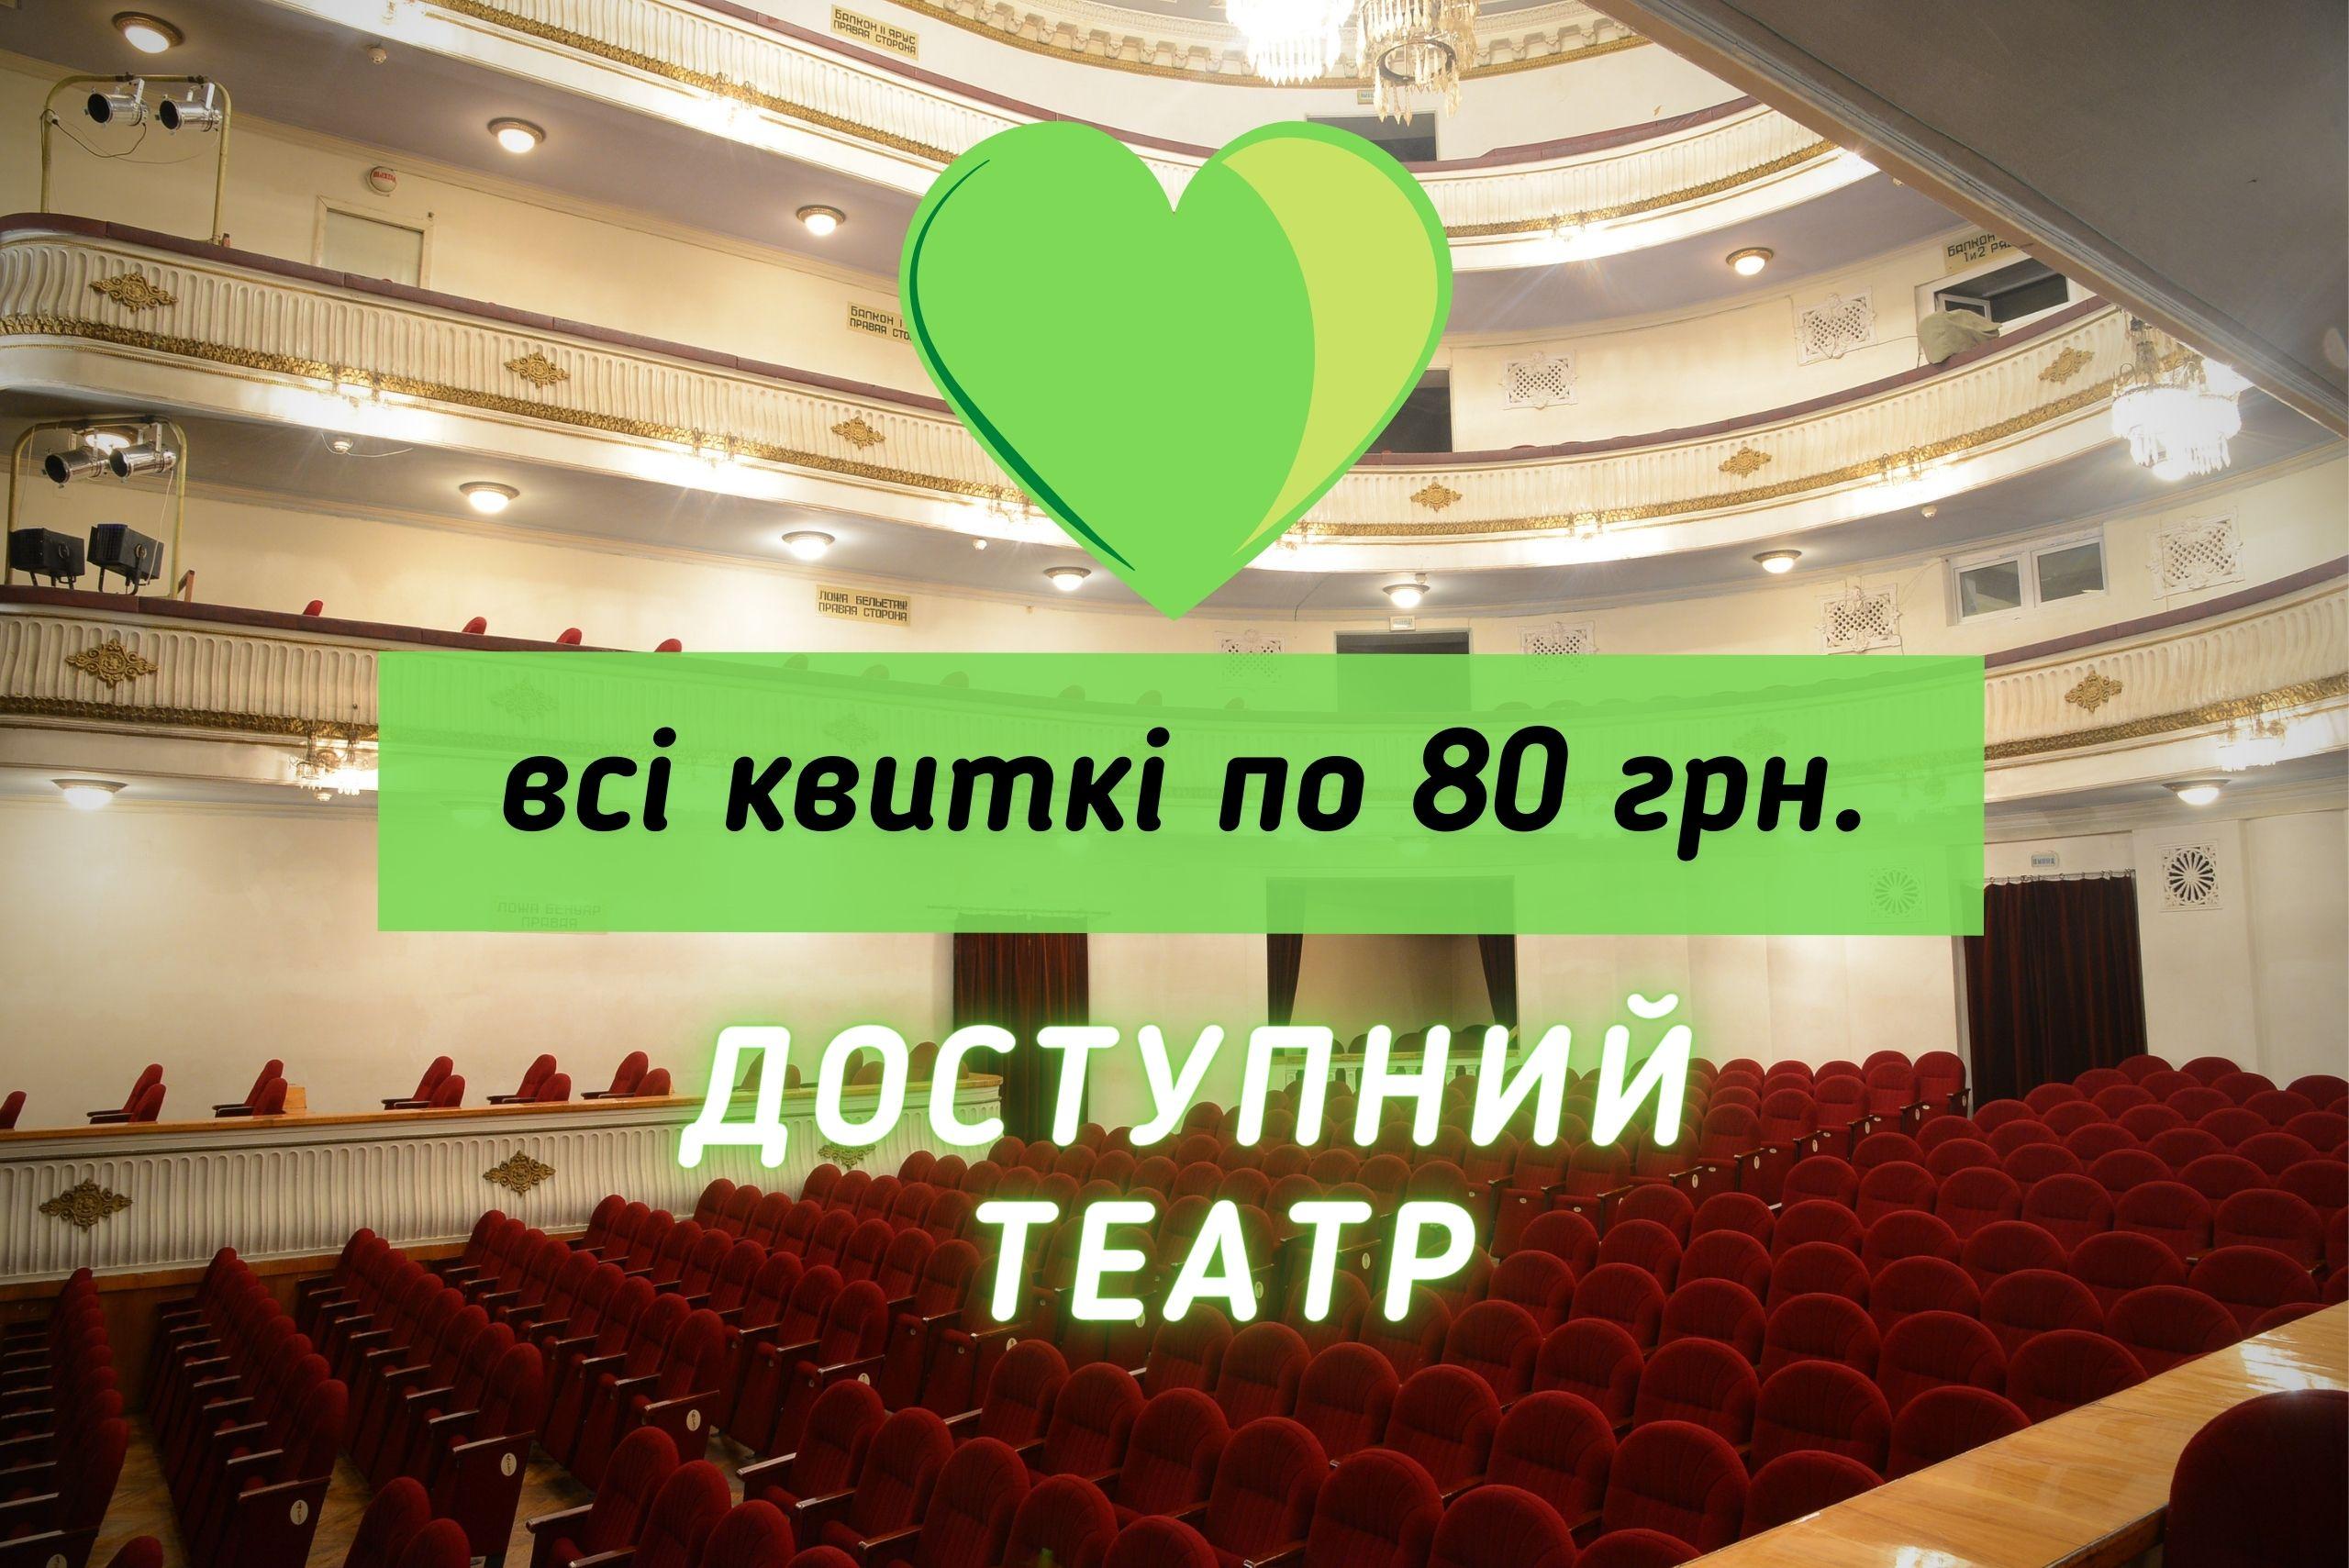 ДЖоступний театр проект Театру ДРАМіКОМ